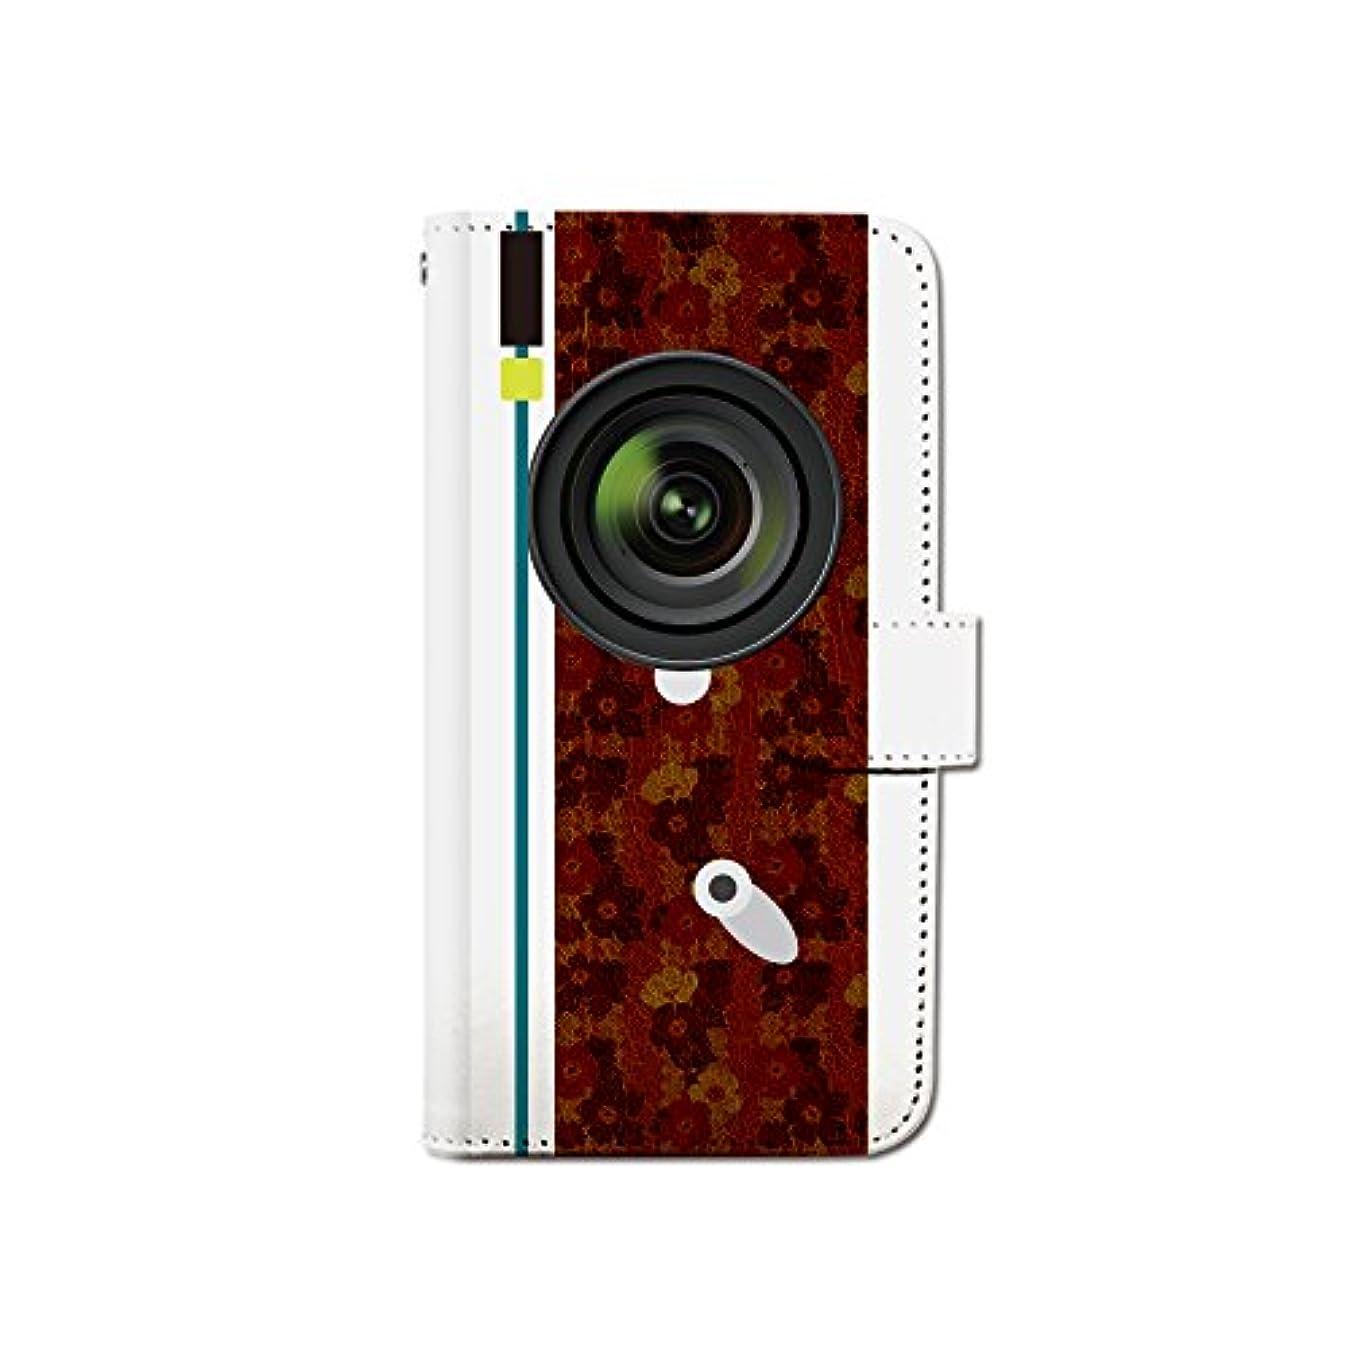 気付く気づく私たちのiPhone7 (4.7) iPhone7 カメラ レンズ イラスト スマホケース 手帳型 マグネット式 カード収納 dy001-00337-05 iPhone7 (4.7インチ):M